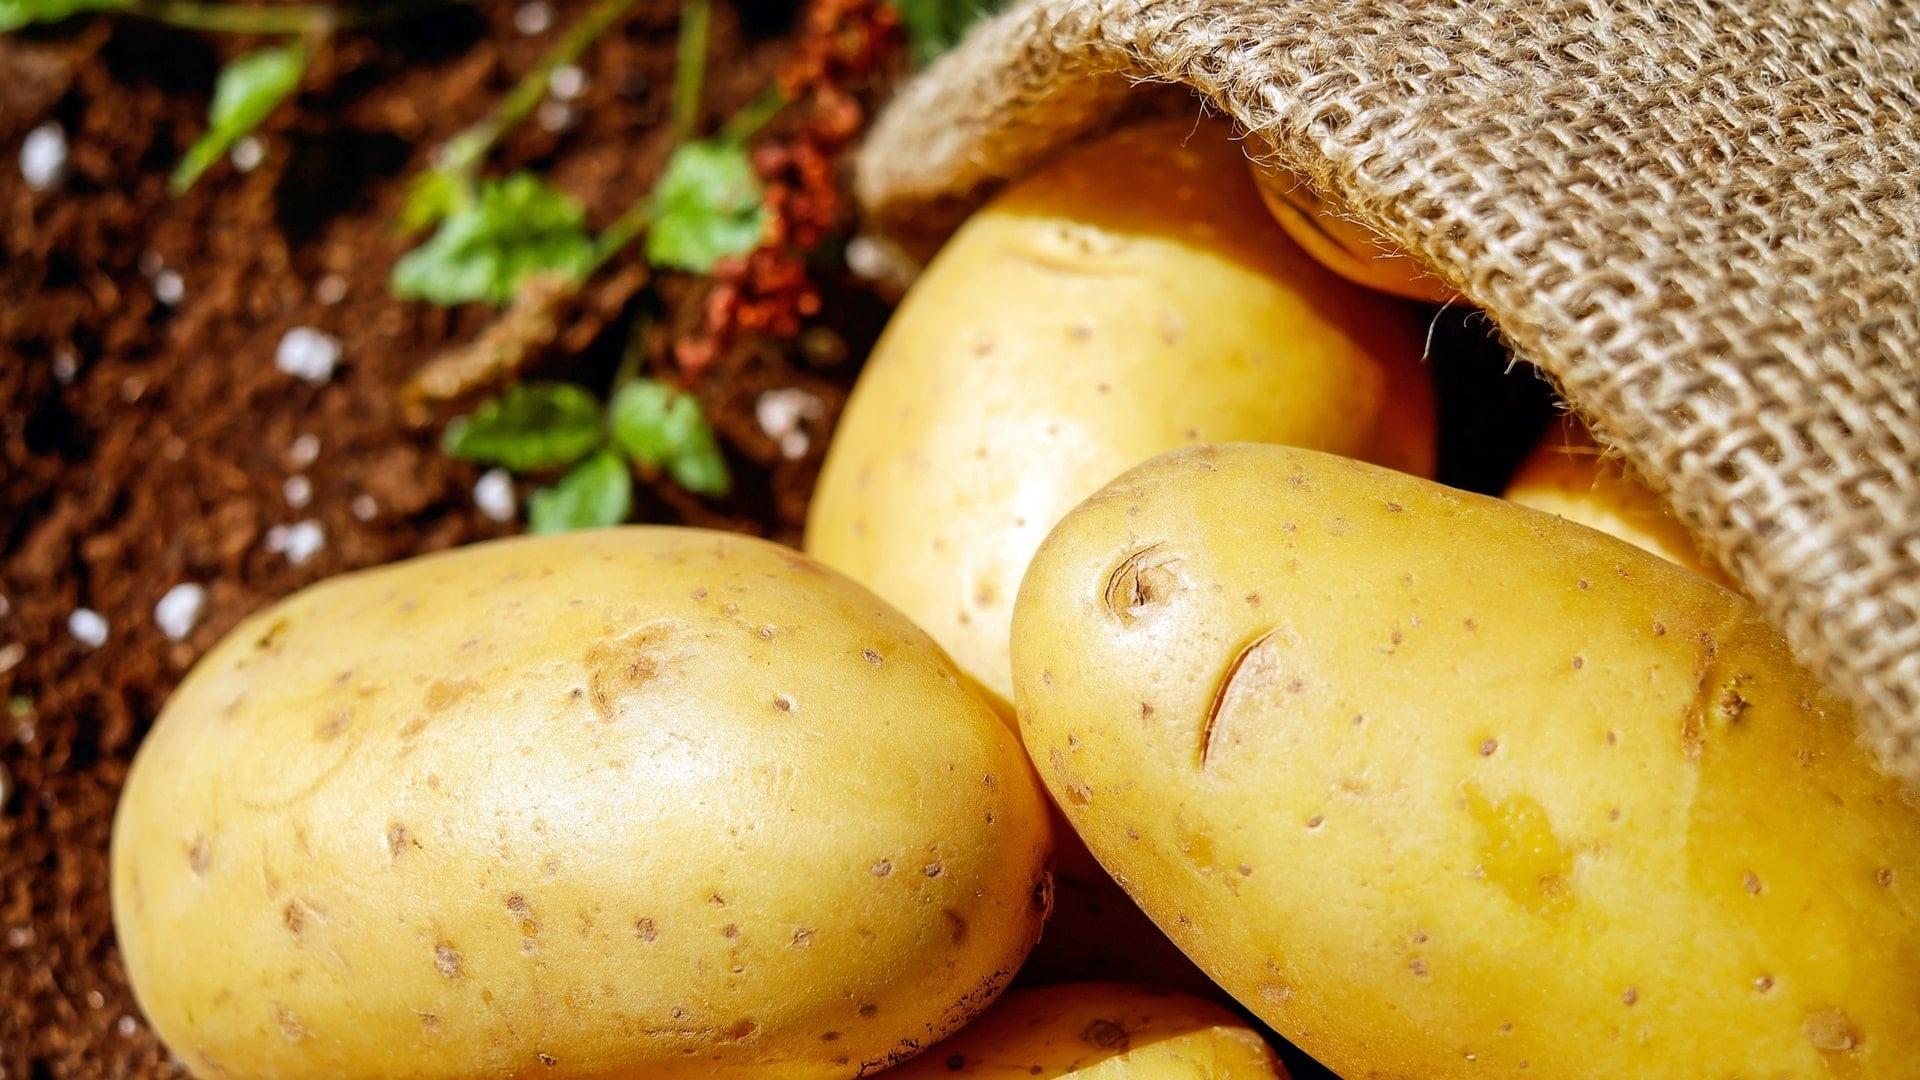 Potatoes computer wallpaper